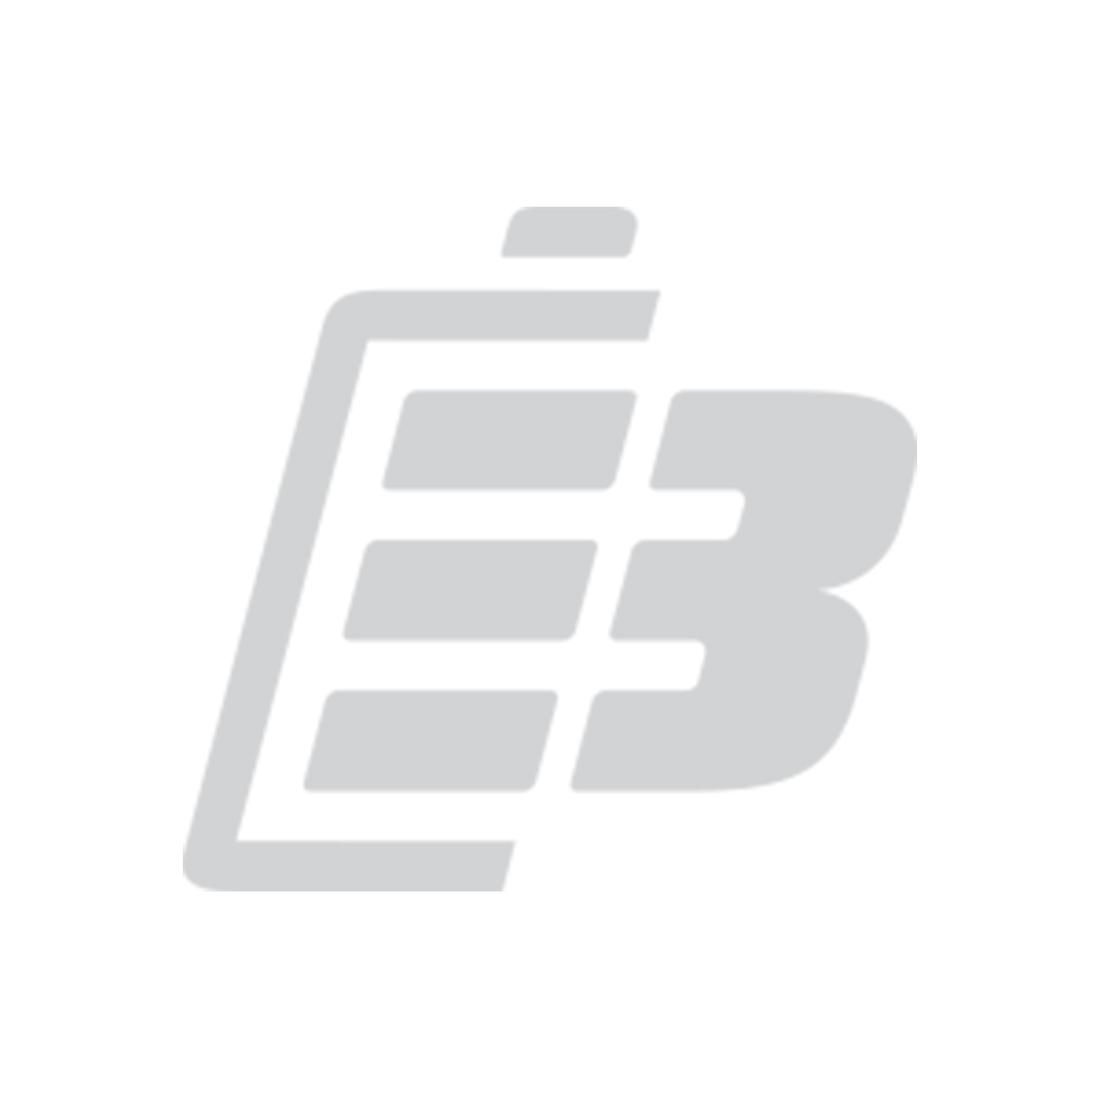 Μπαταρία smartphone Meizu Note 2_1